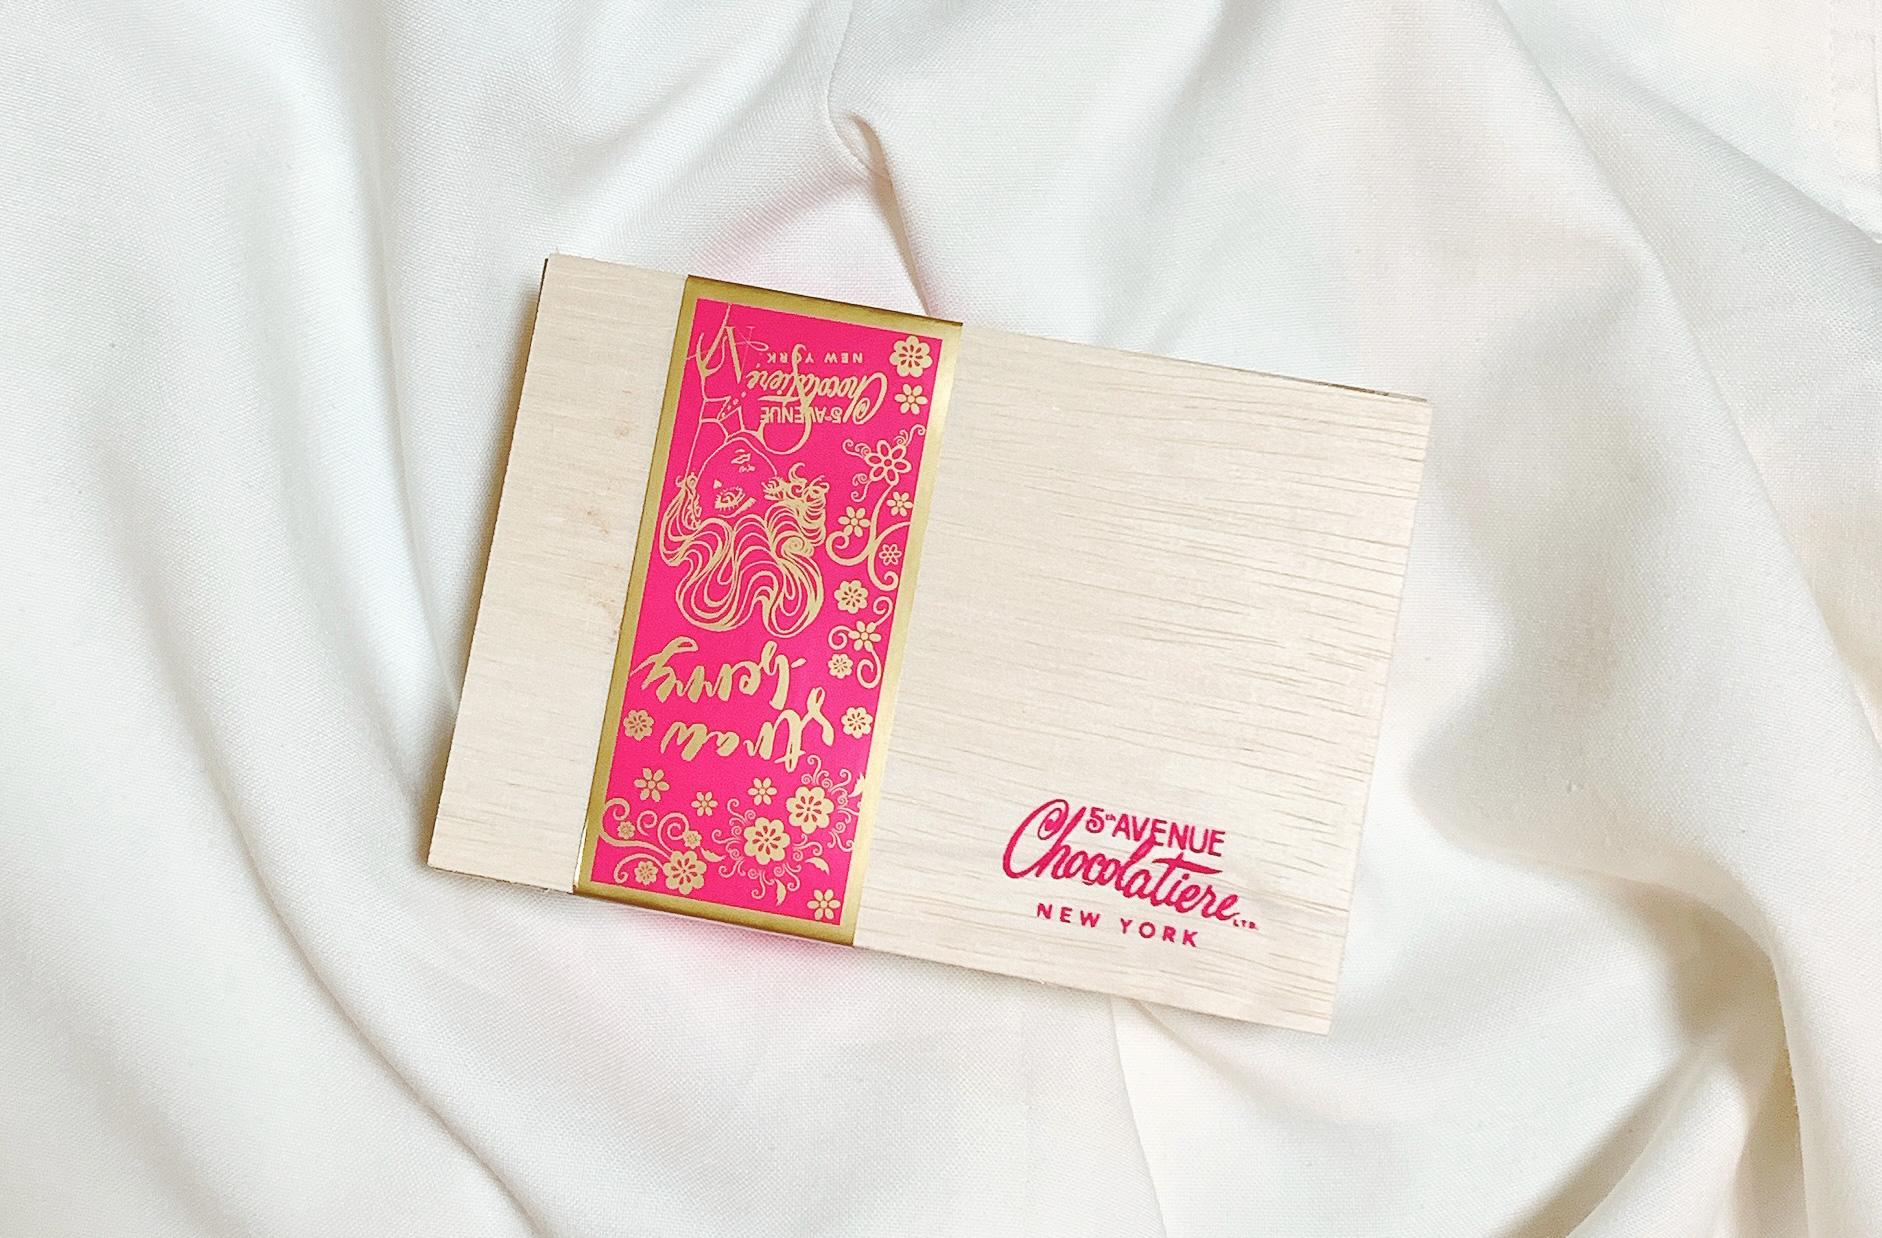 バレンタインMYチョコや本命チョコにおすすめ!ニューヨーク生まれ「5th AVENUE Chocolatiere」の生チョコが大人な味わいで美味しい★今回はストロベリー風味トラッフルにしてみました_1